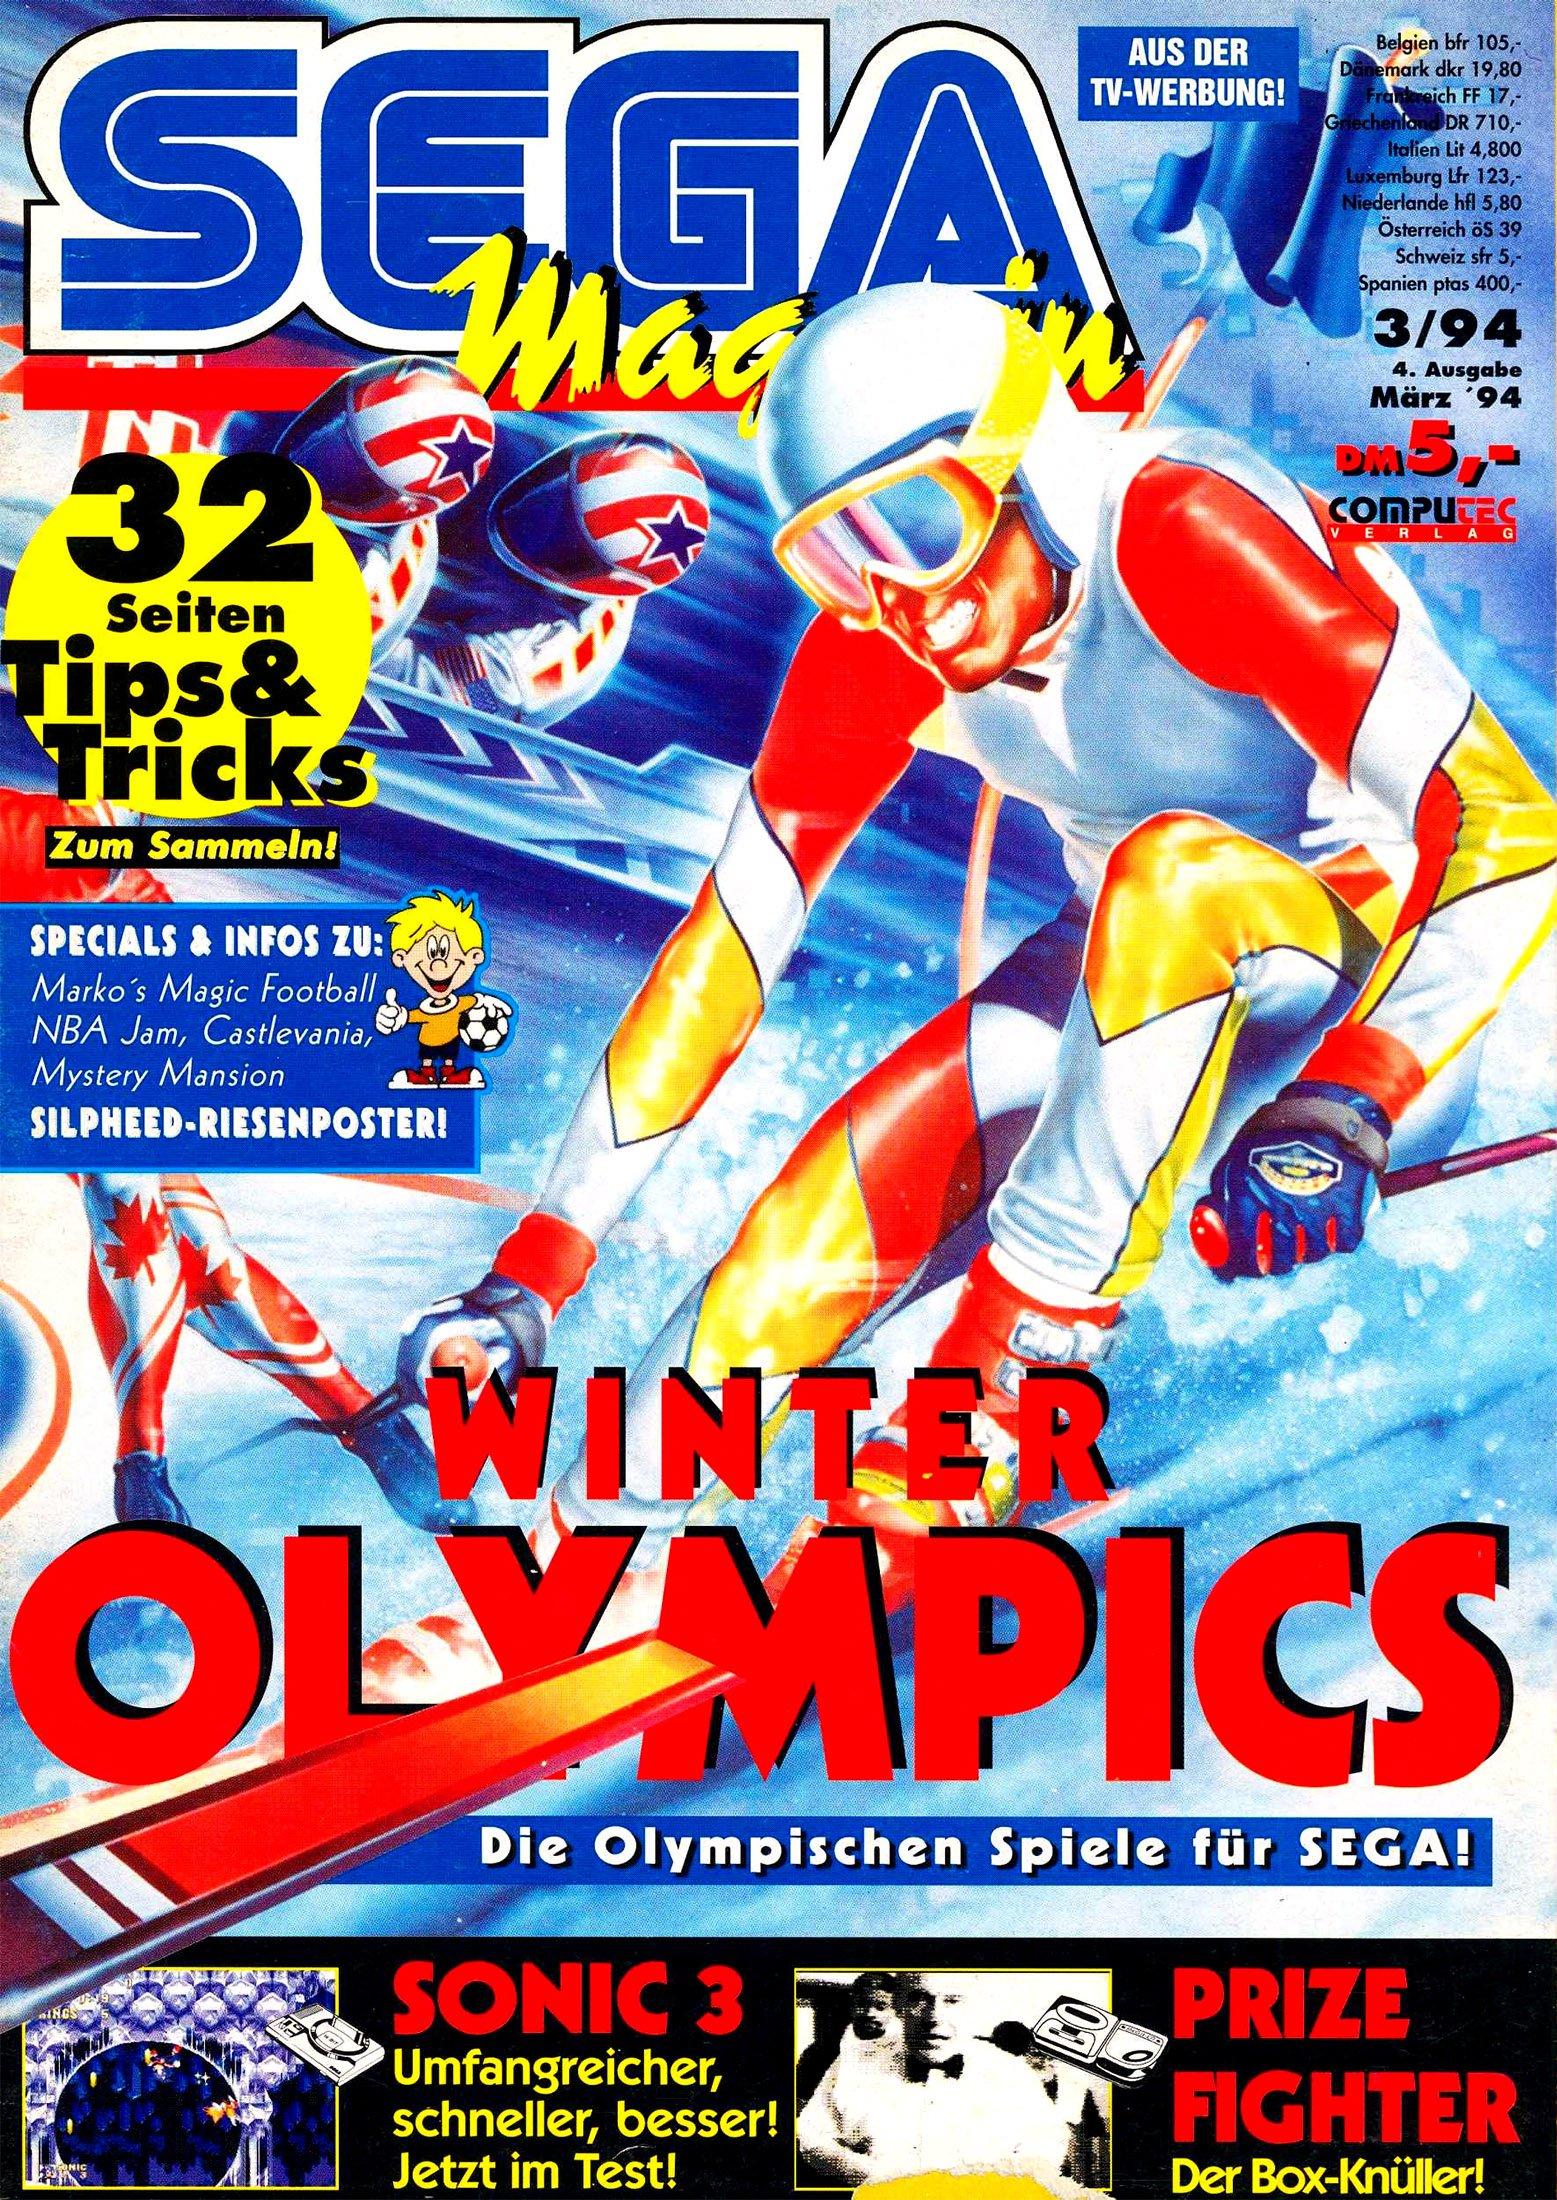 Sega Magazin Issue 04 (March 1994)